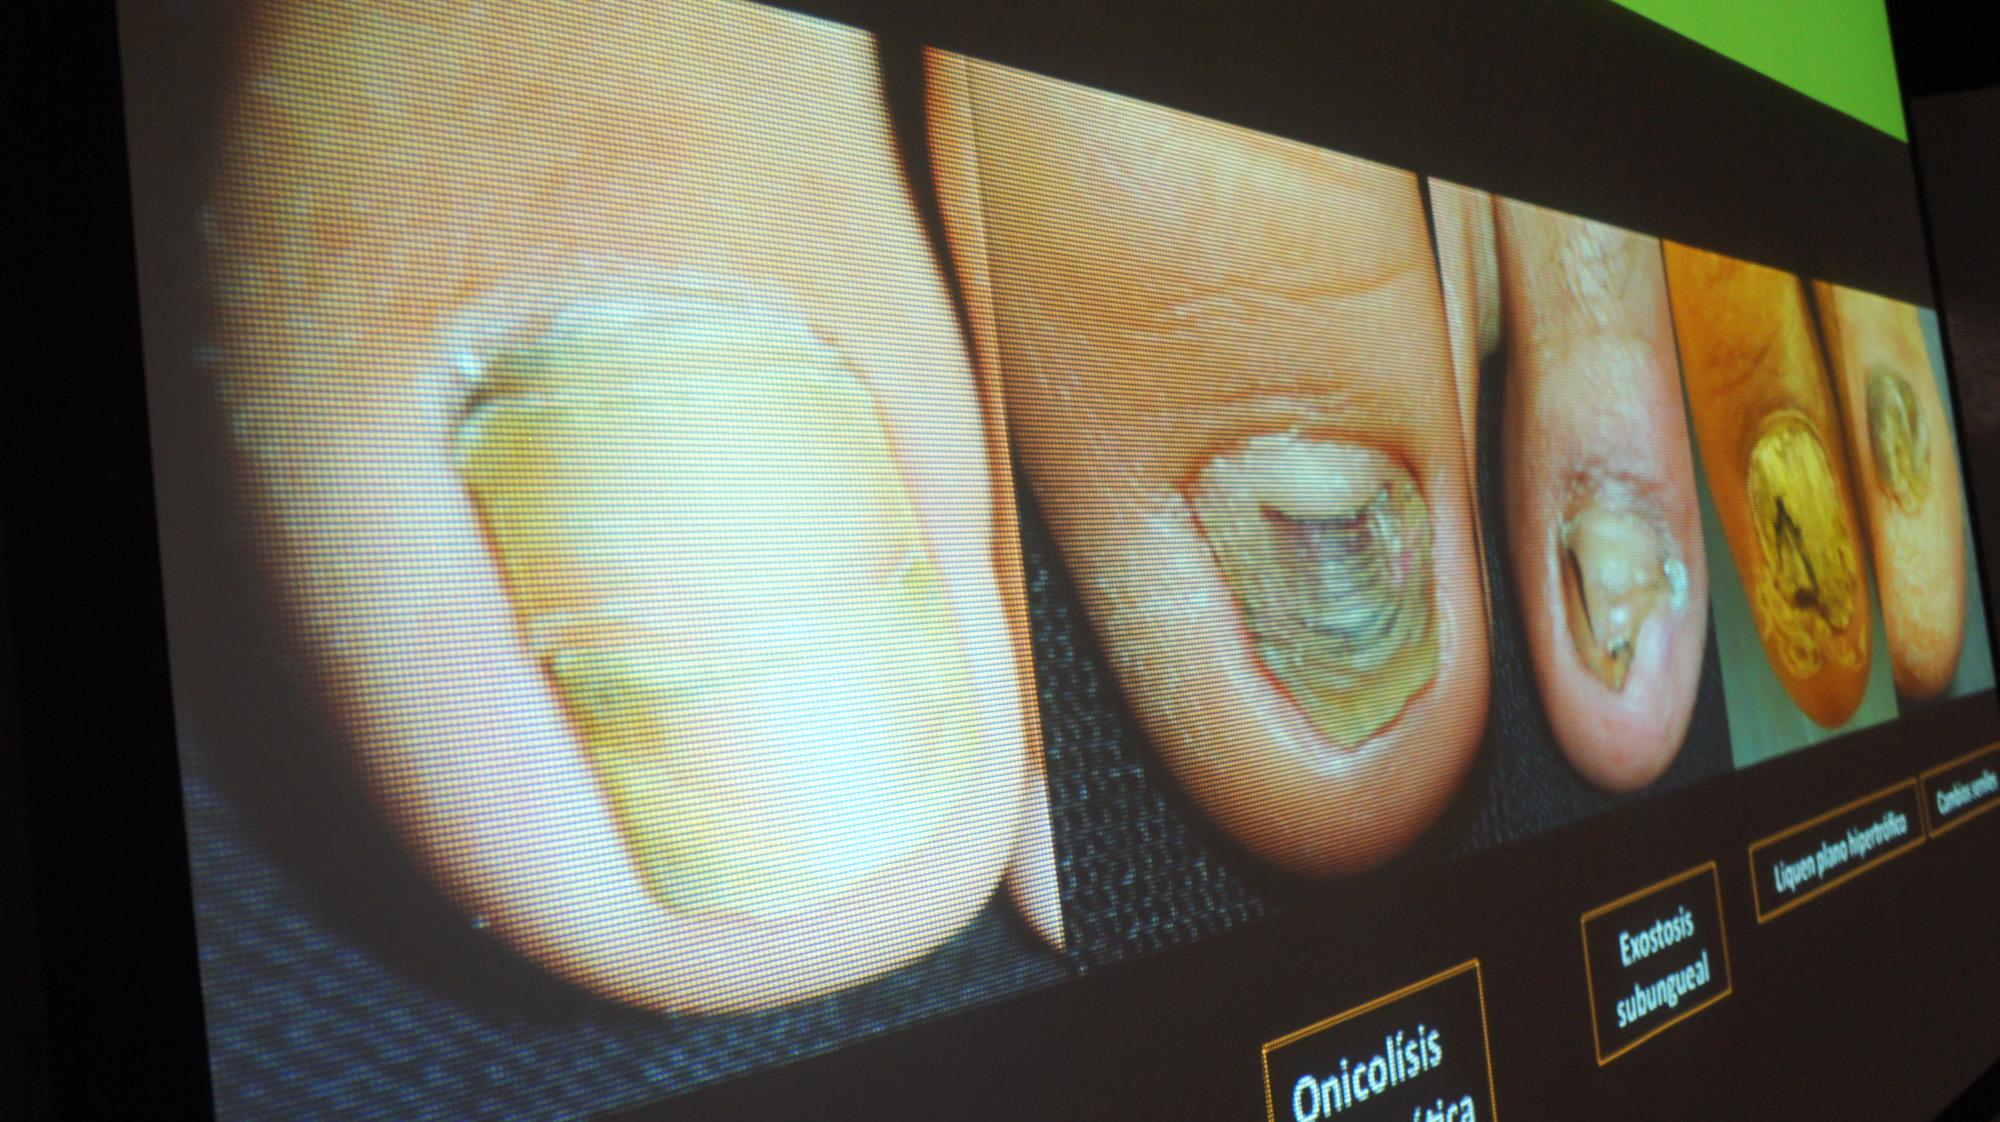 Pueden infecciones de hongos en las uñas confundirse con cáncer | En ...